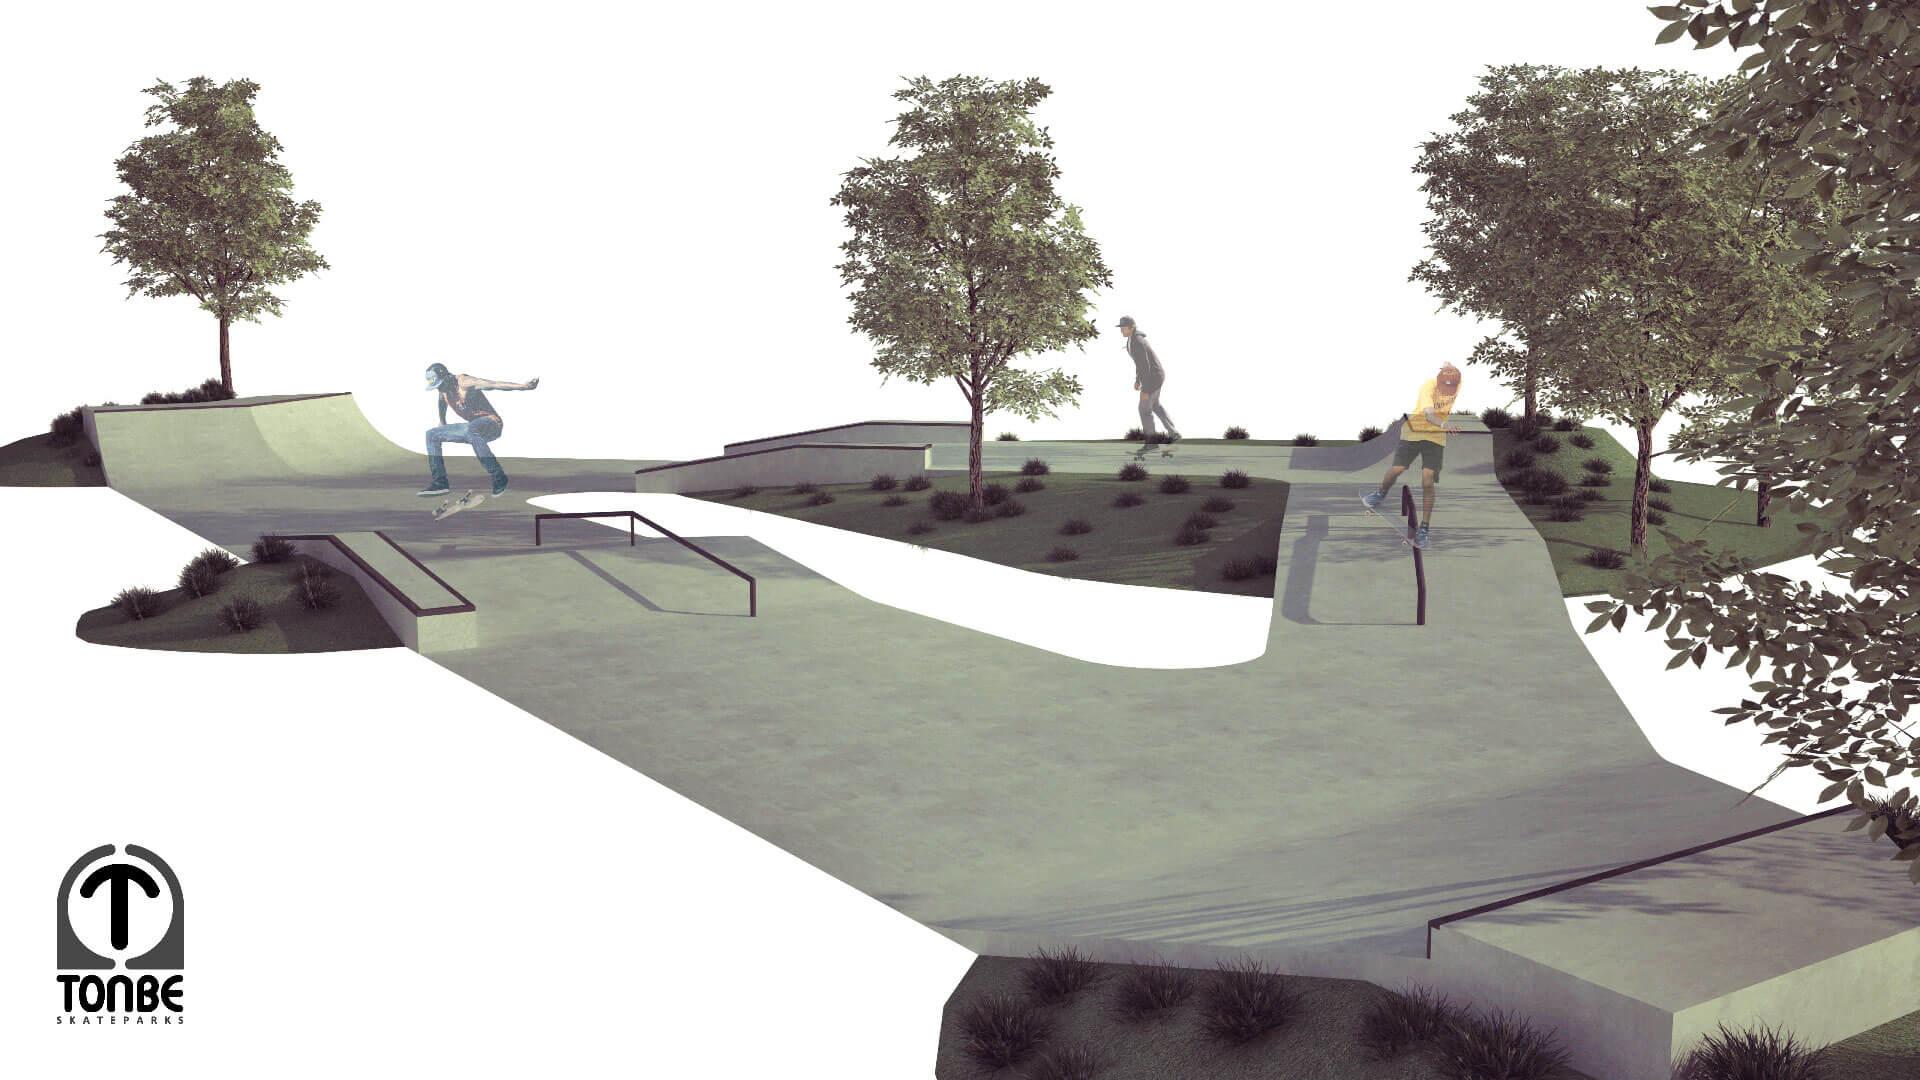 Nacrt za Skate park Vukovar 1